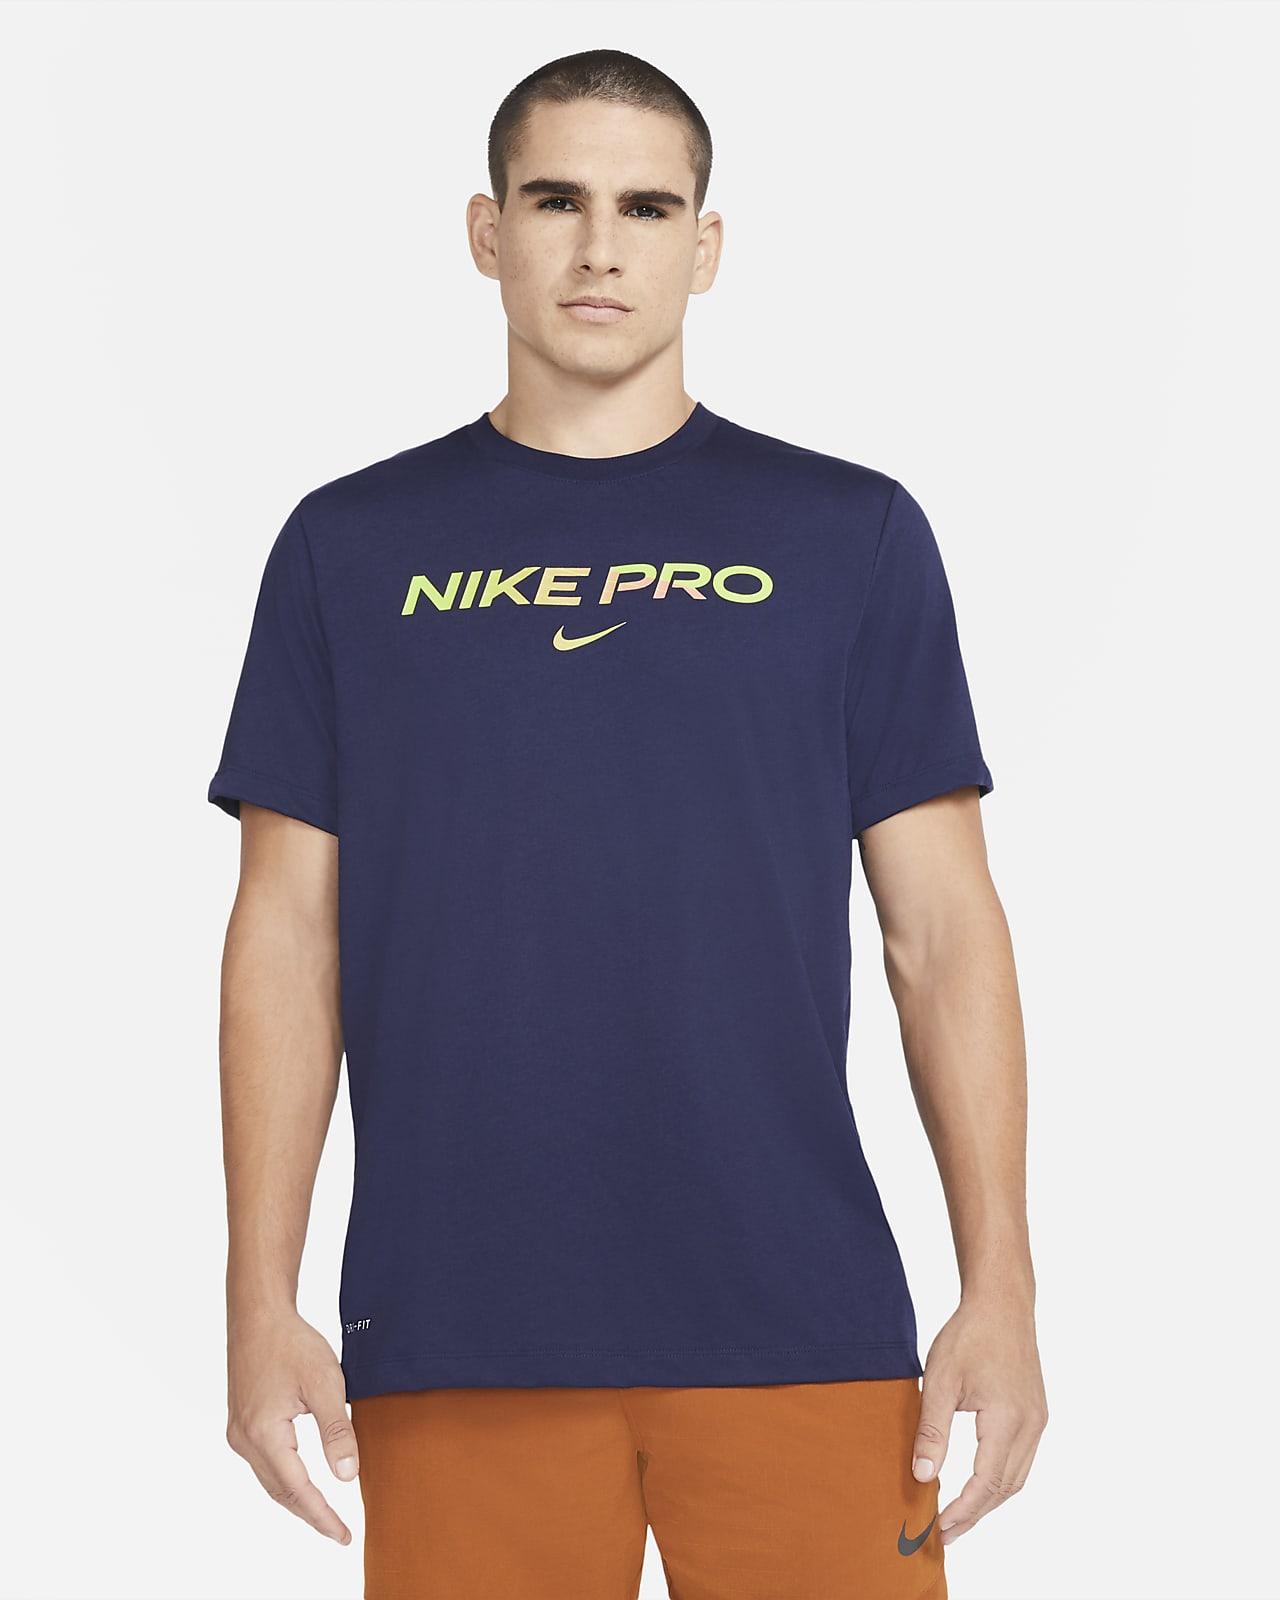 T-shirt Nike Pro - Uomo